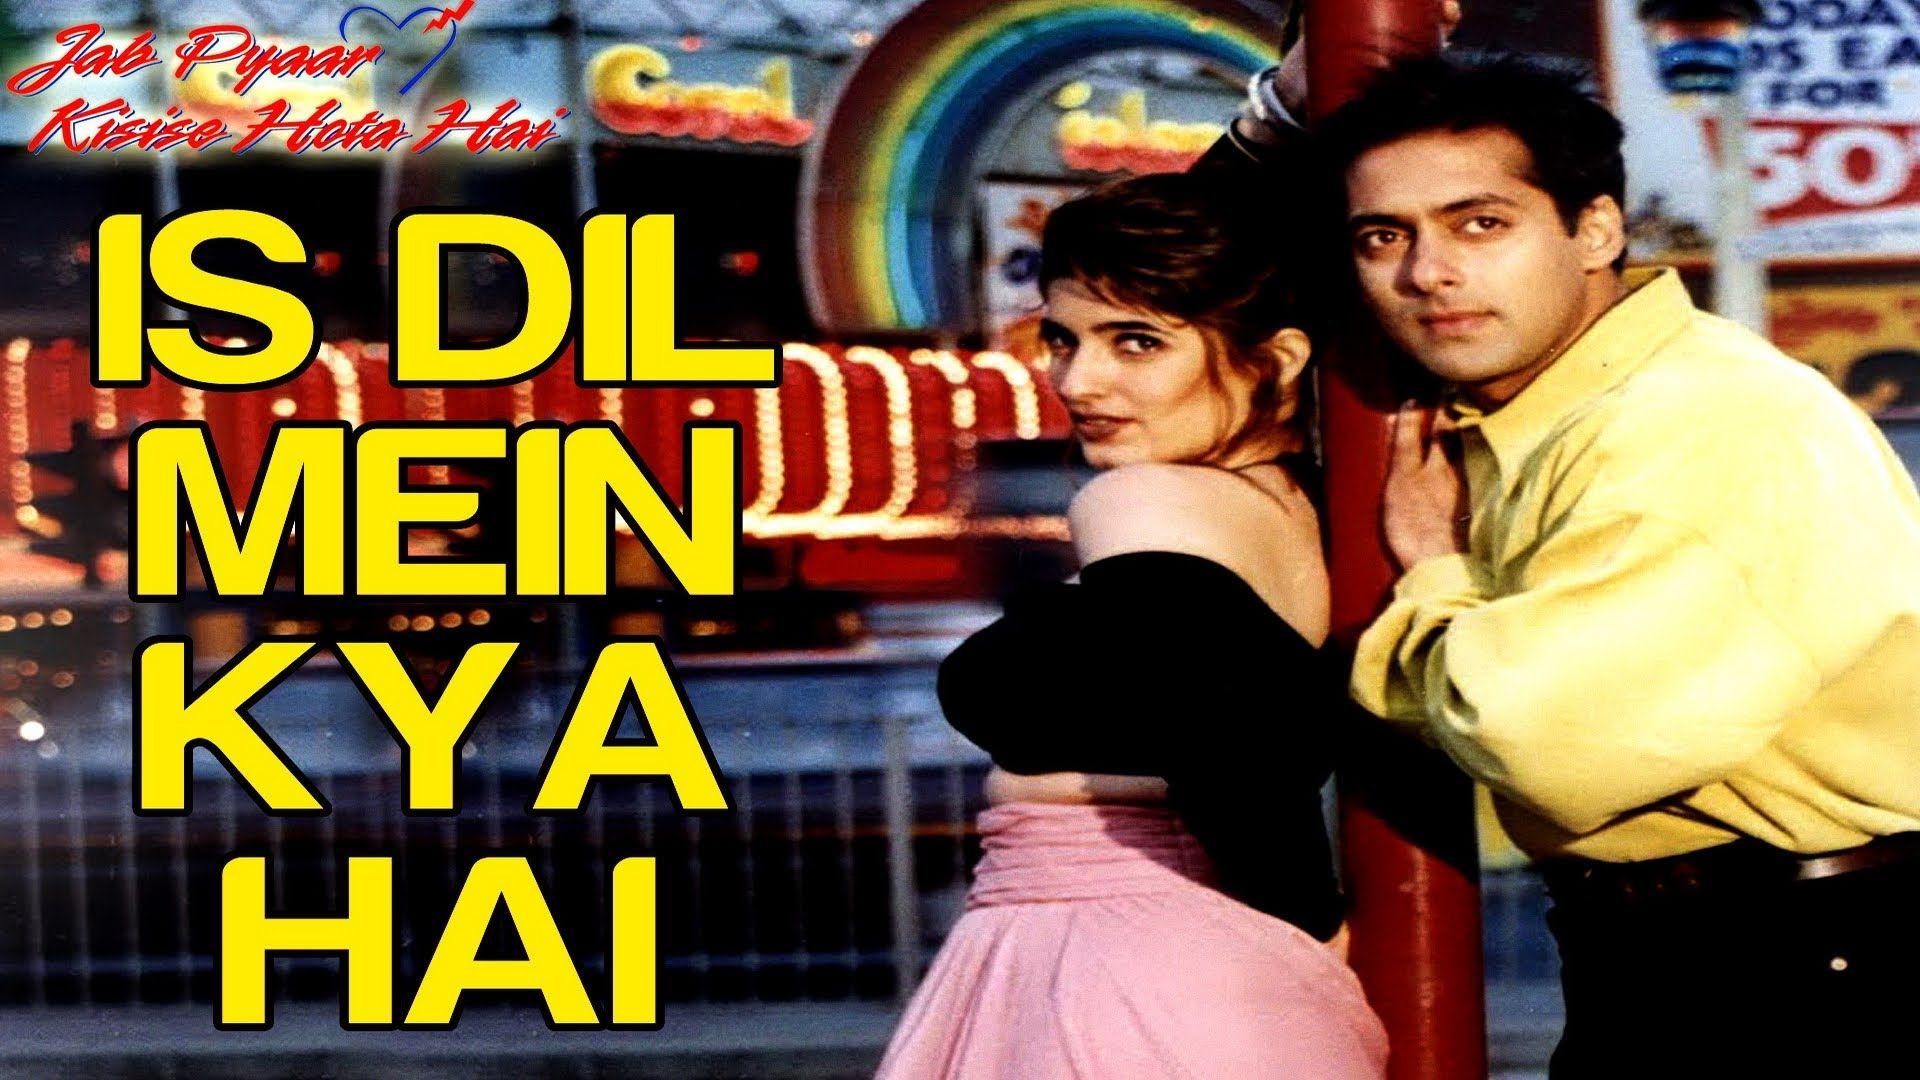 Is Dil Mein Kya Hai Jab Pyaar Kisise Hota Hai Salman Twinkle Lat Hindi Movie Song Movie Songs Songs